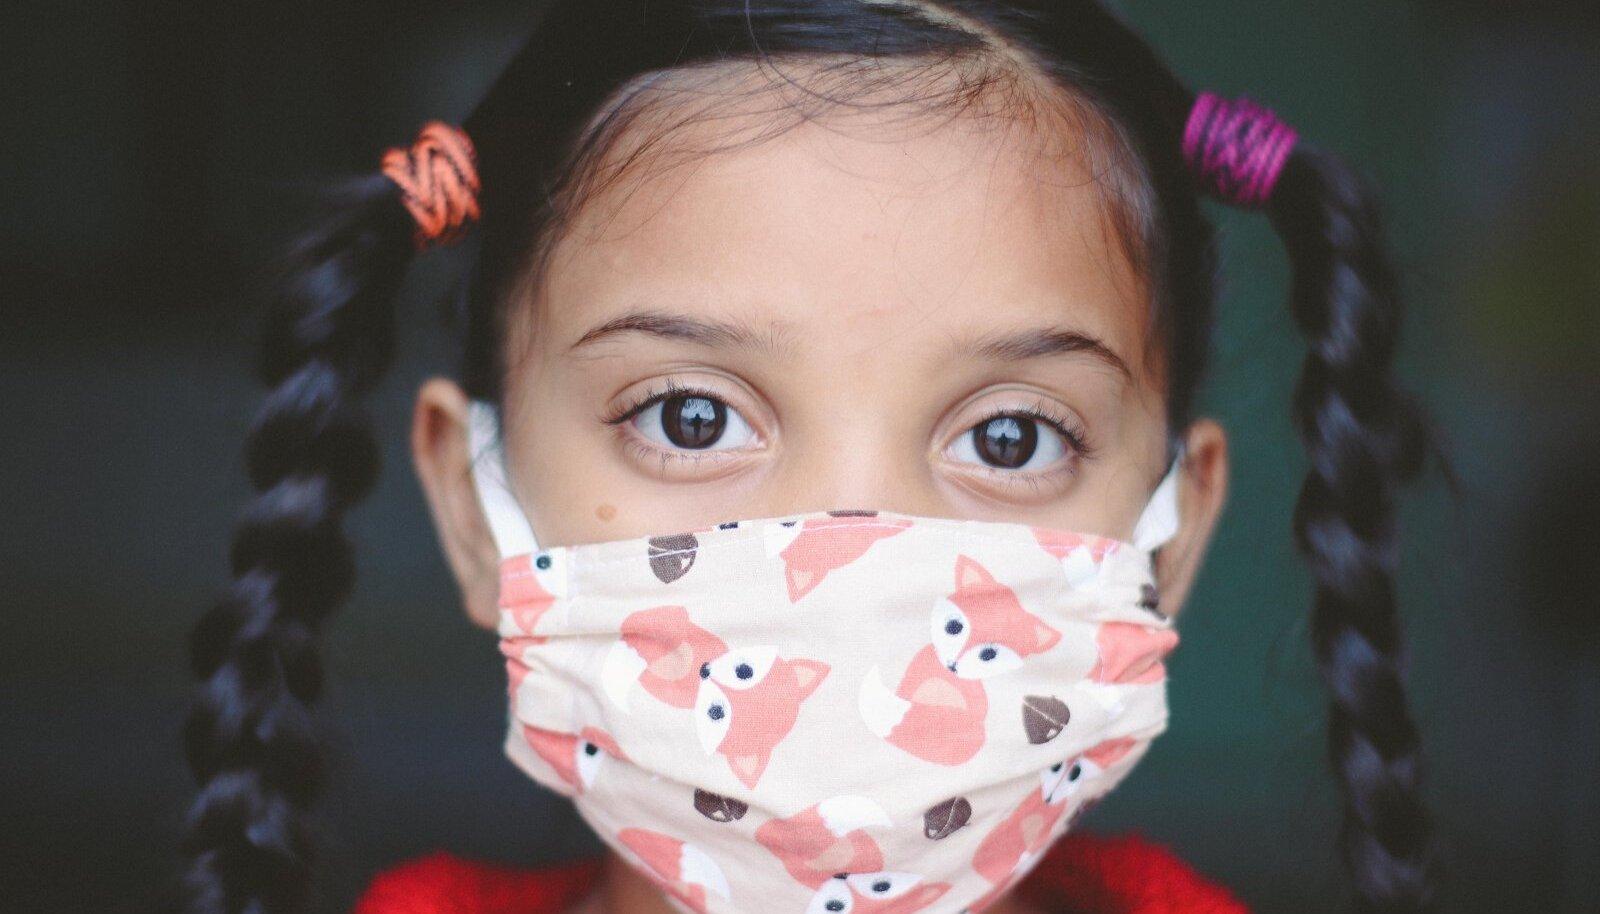 Maskikohustus on kehtestatud paljudes riikides nii Euroopas kui ka mujal.